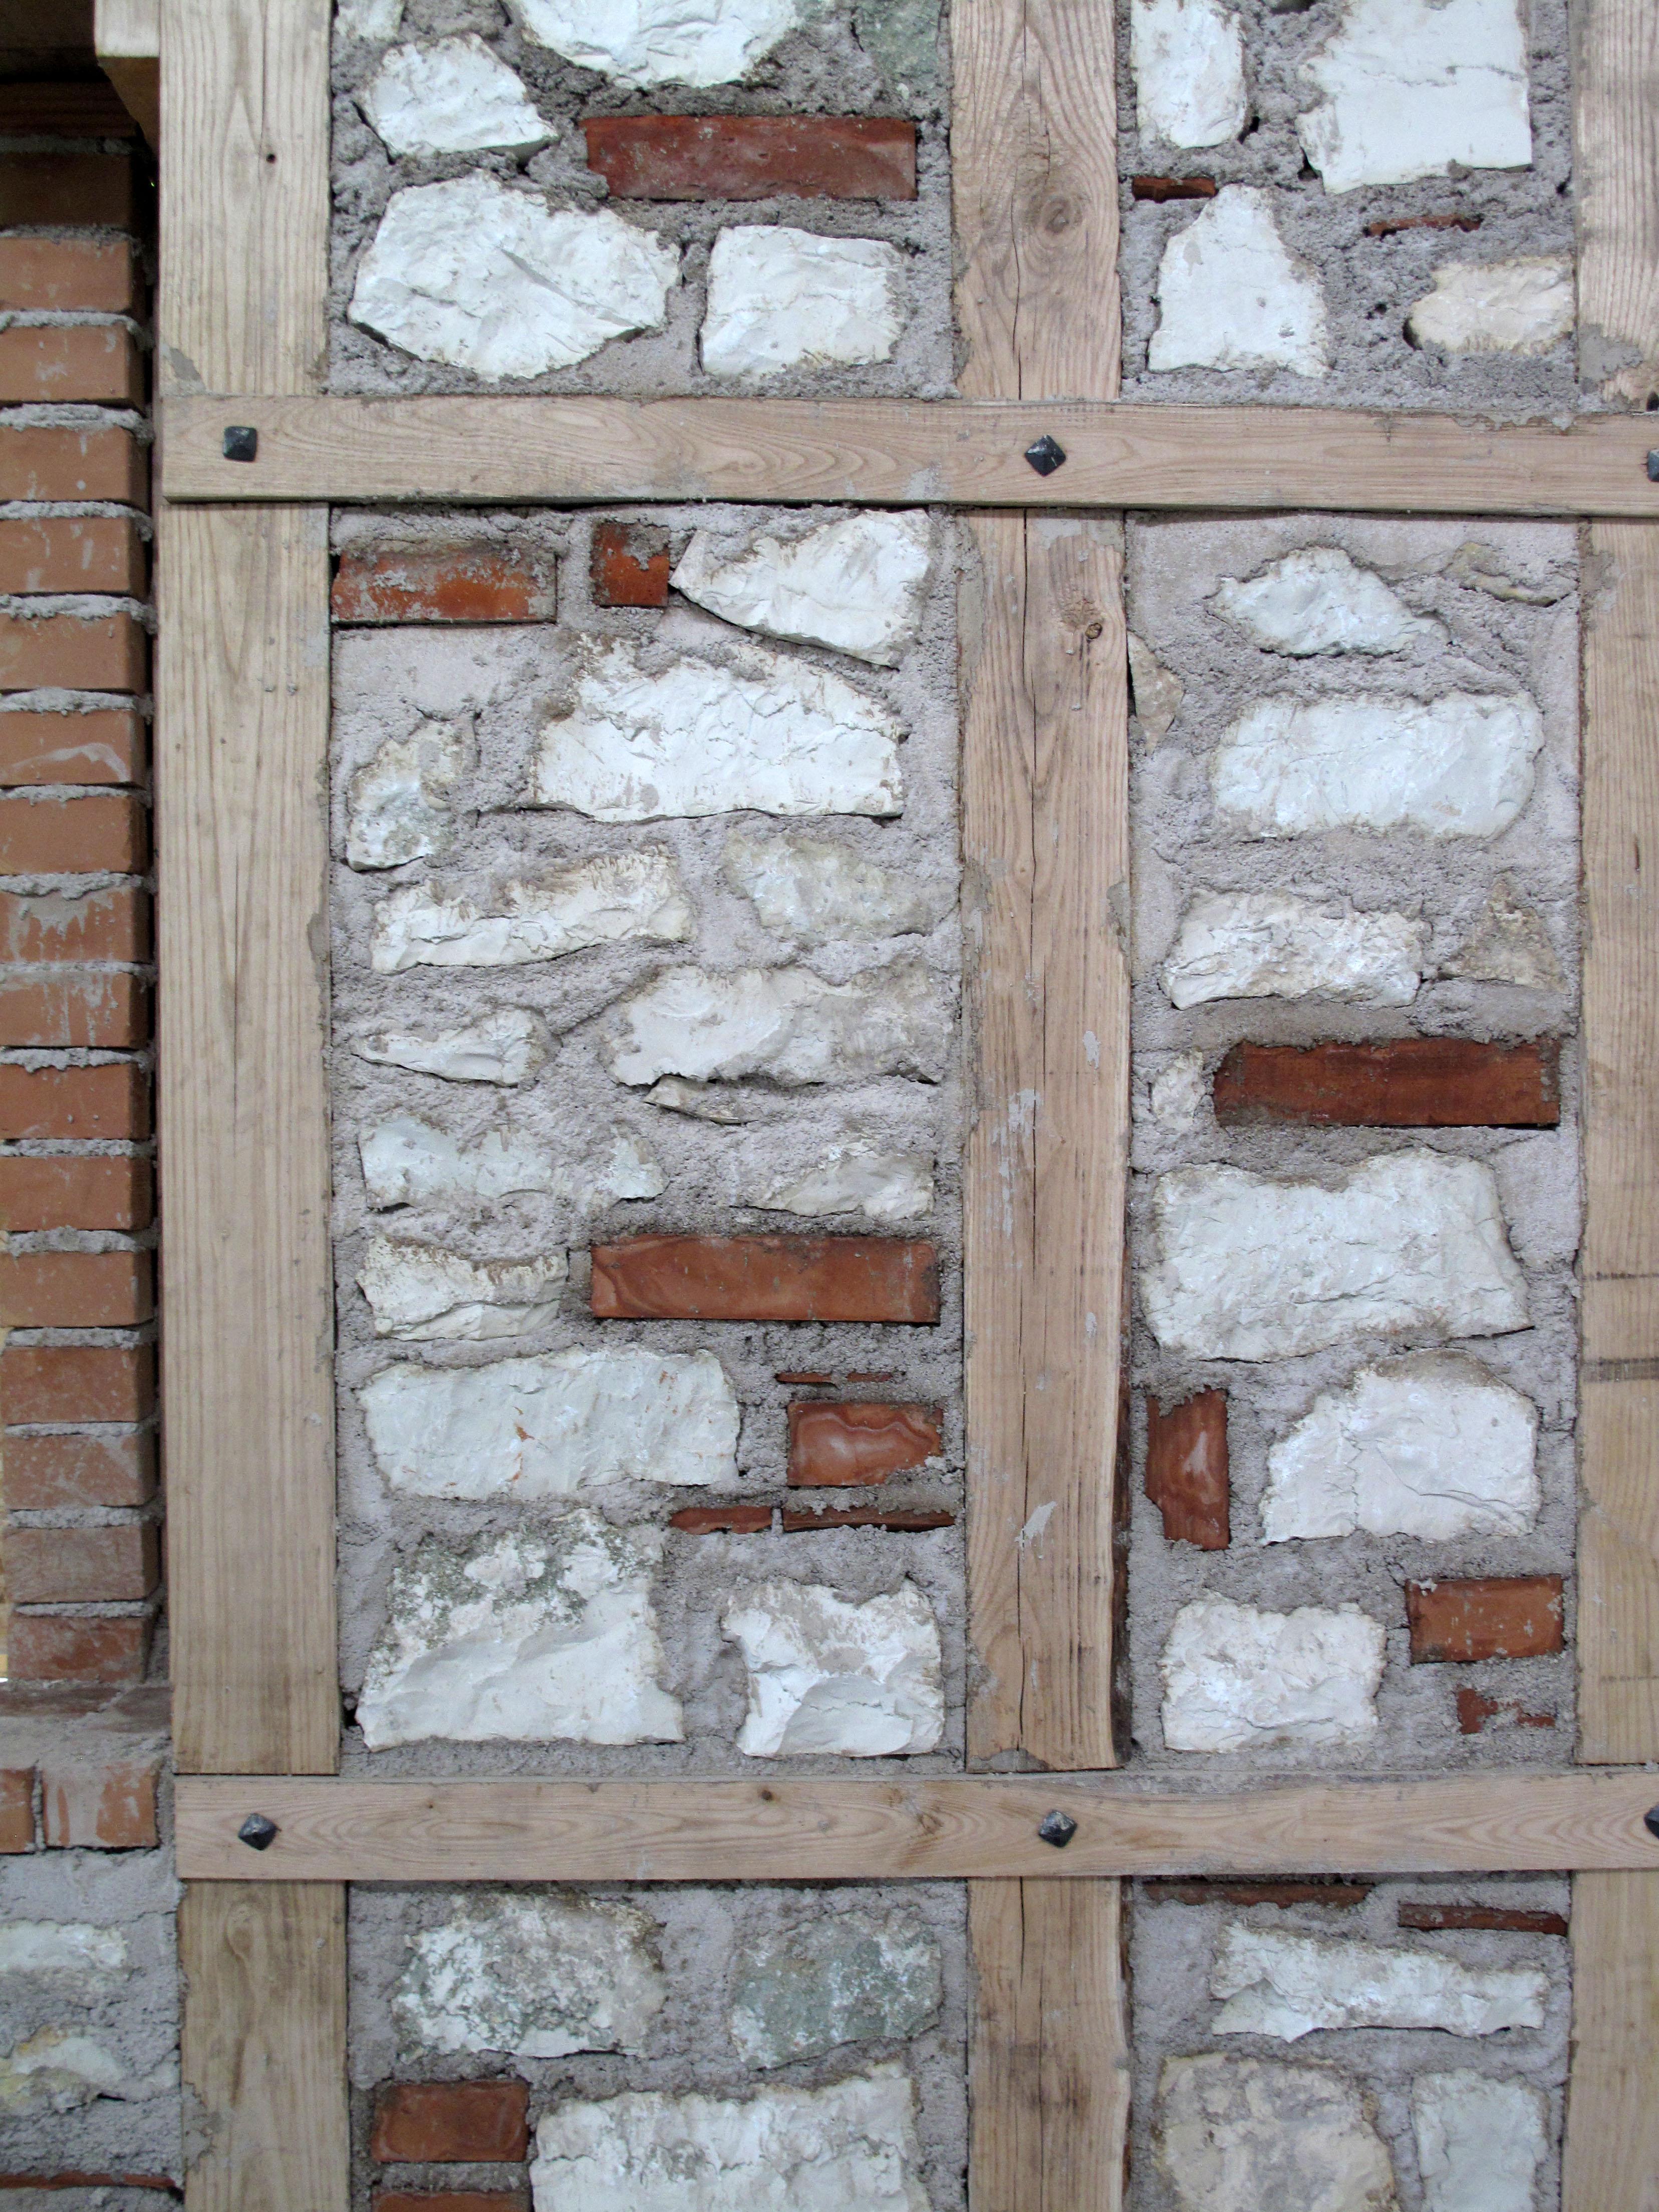 Costruire case antisismiche? i borbone ci insegnano come ...